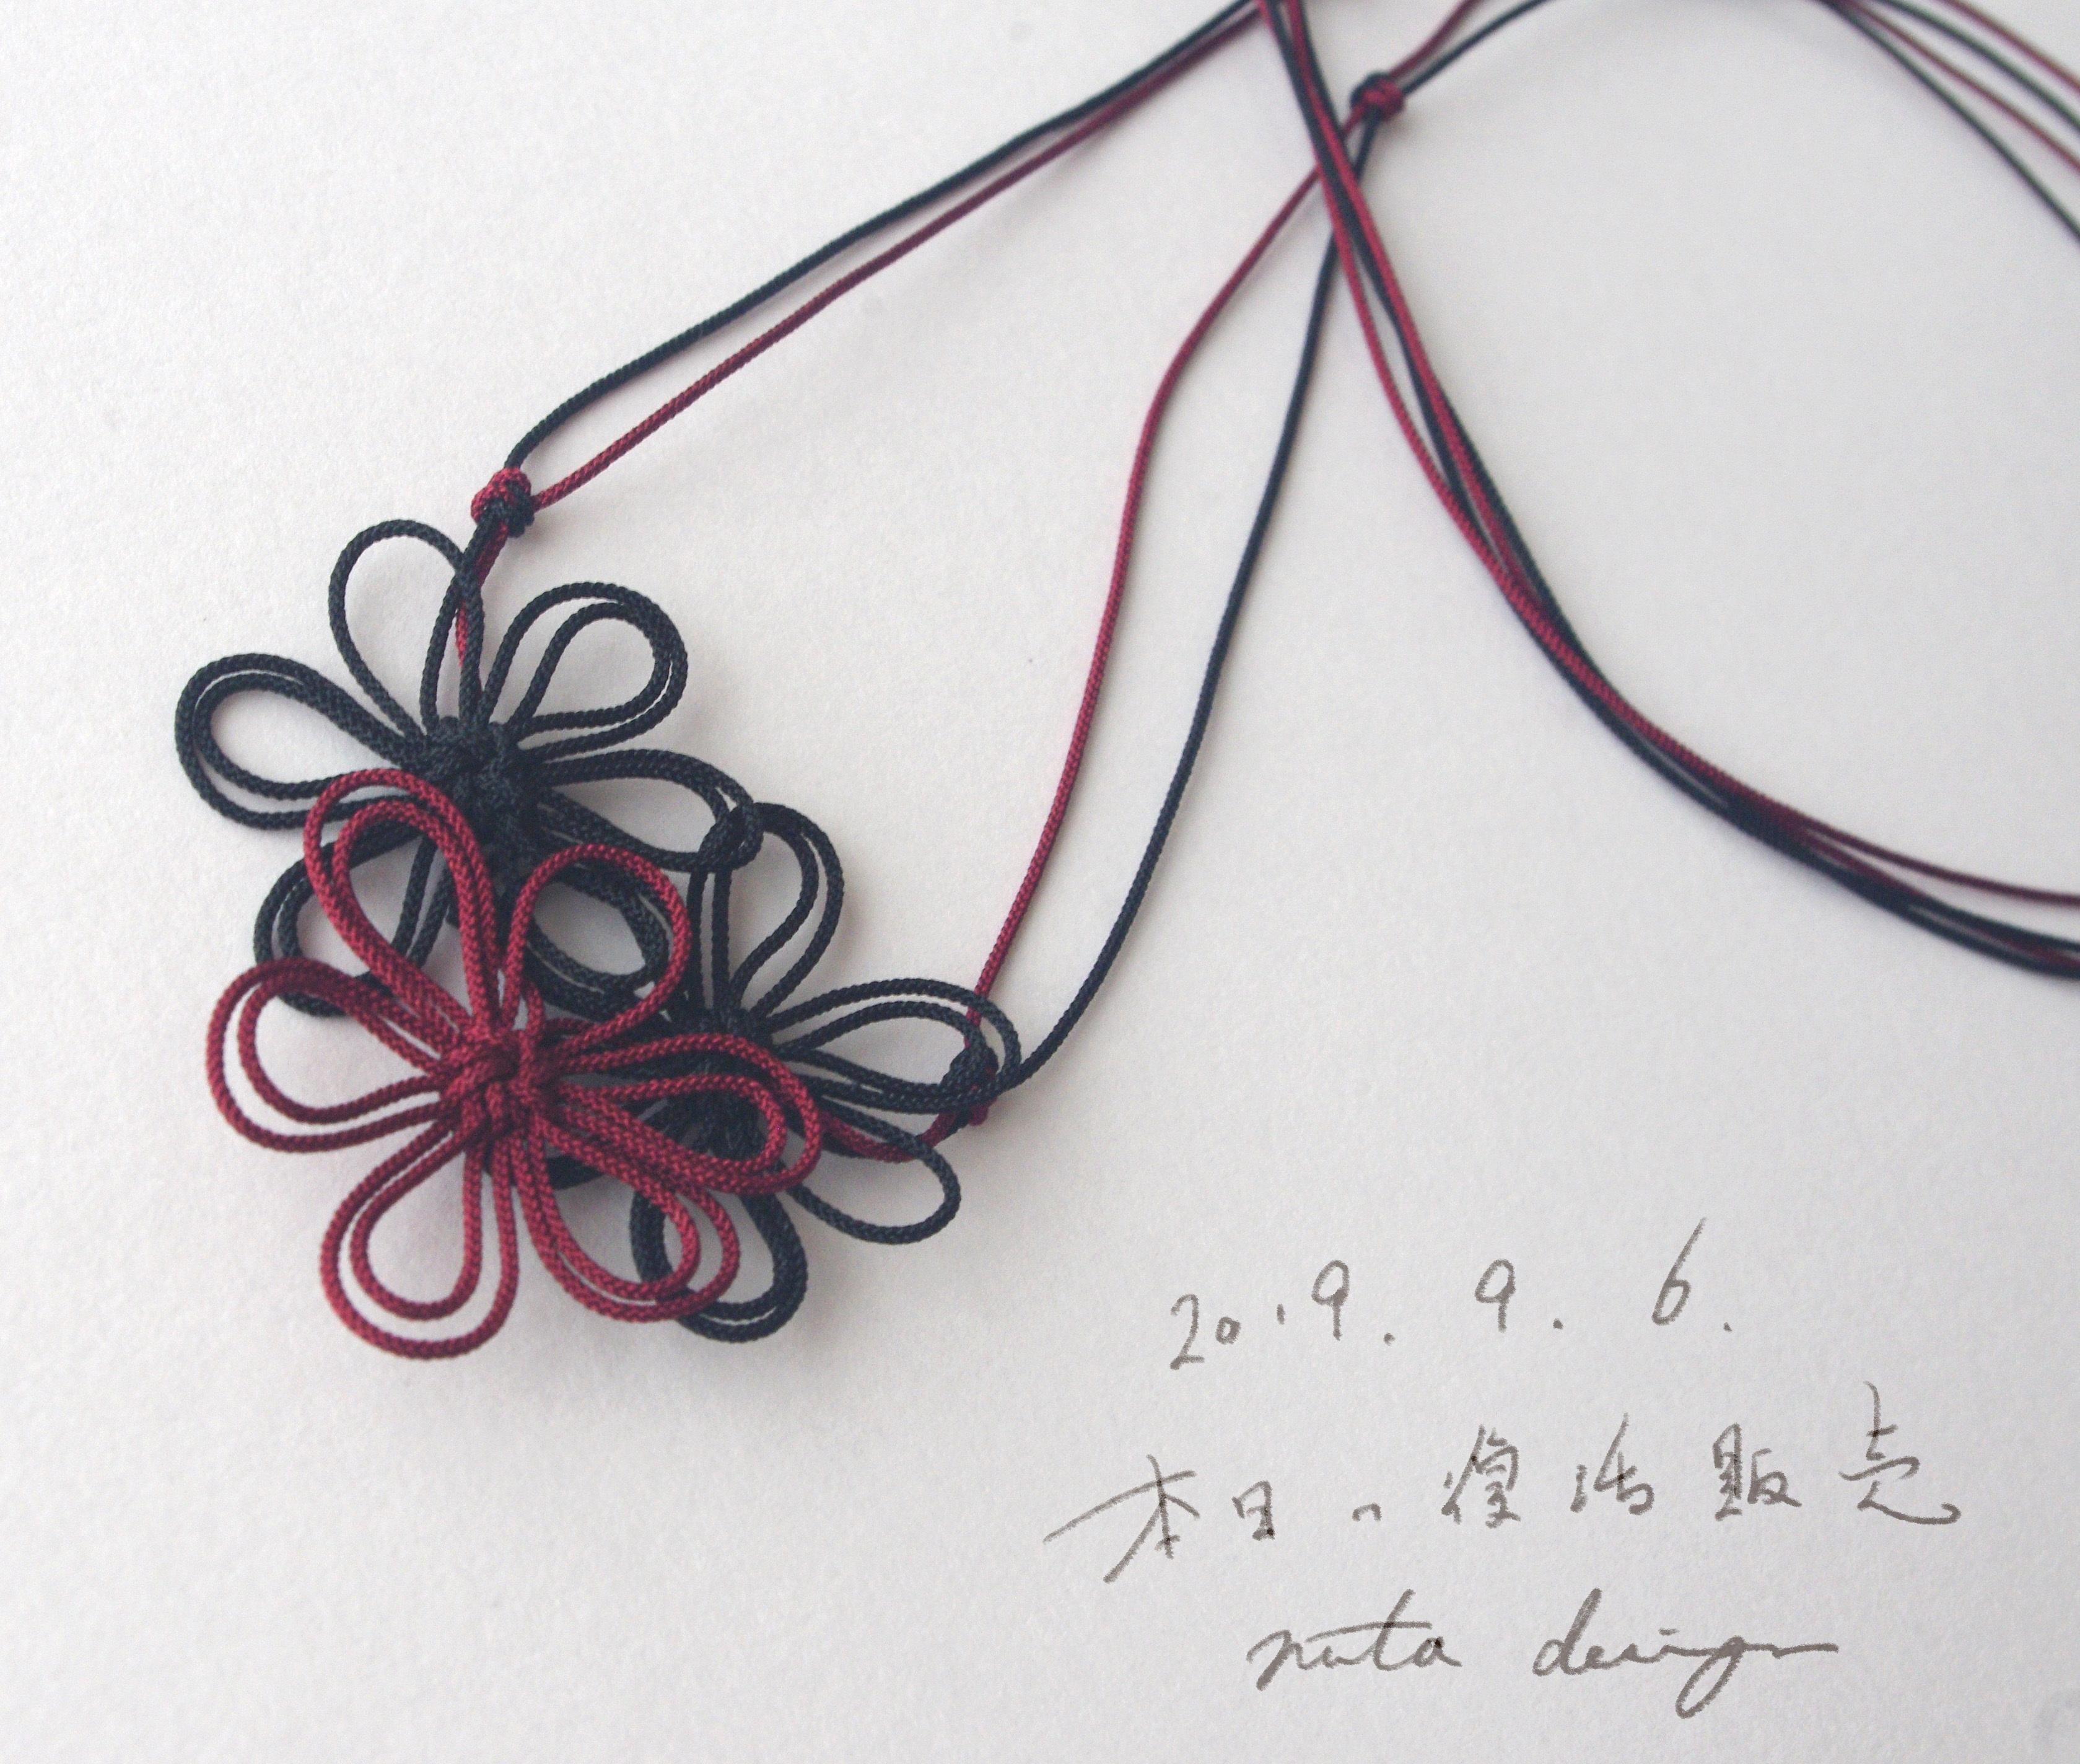 チョーカー「気配織ナス」(臙脂×黒)